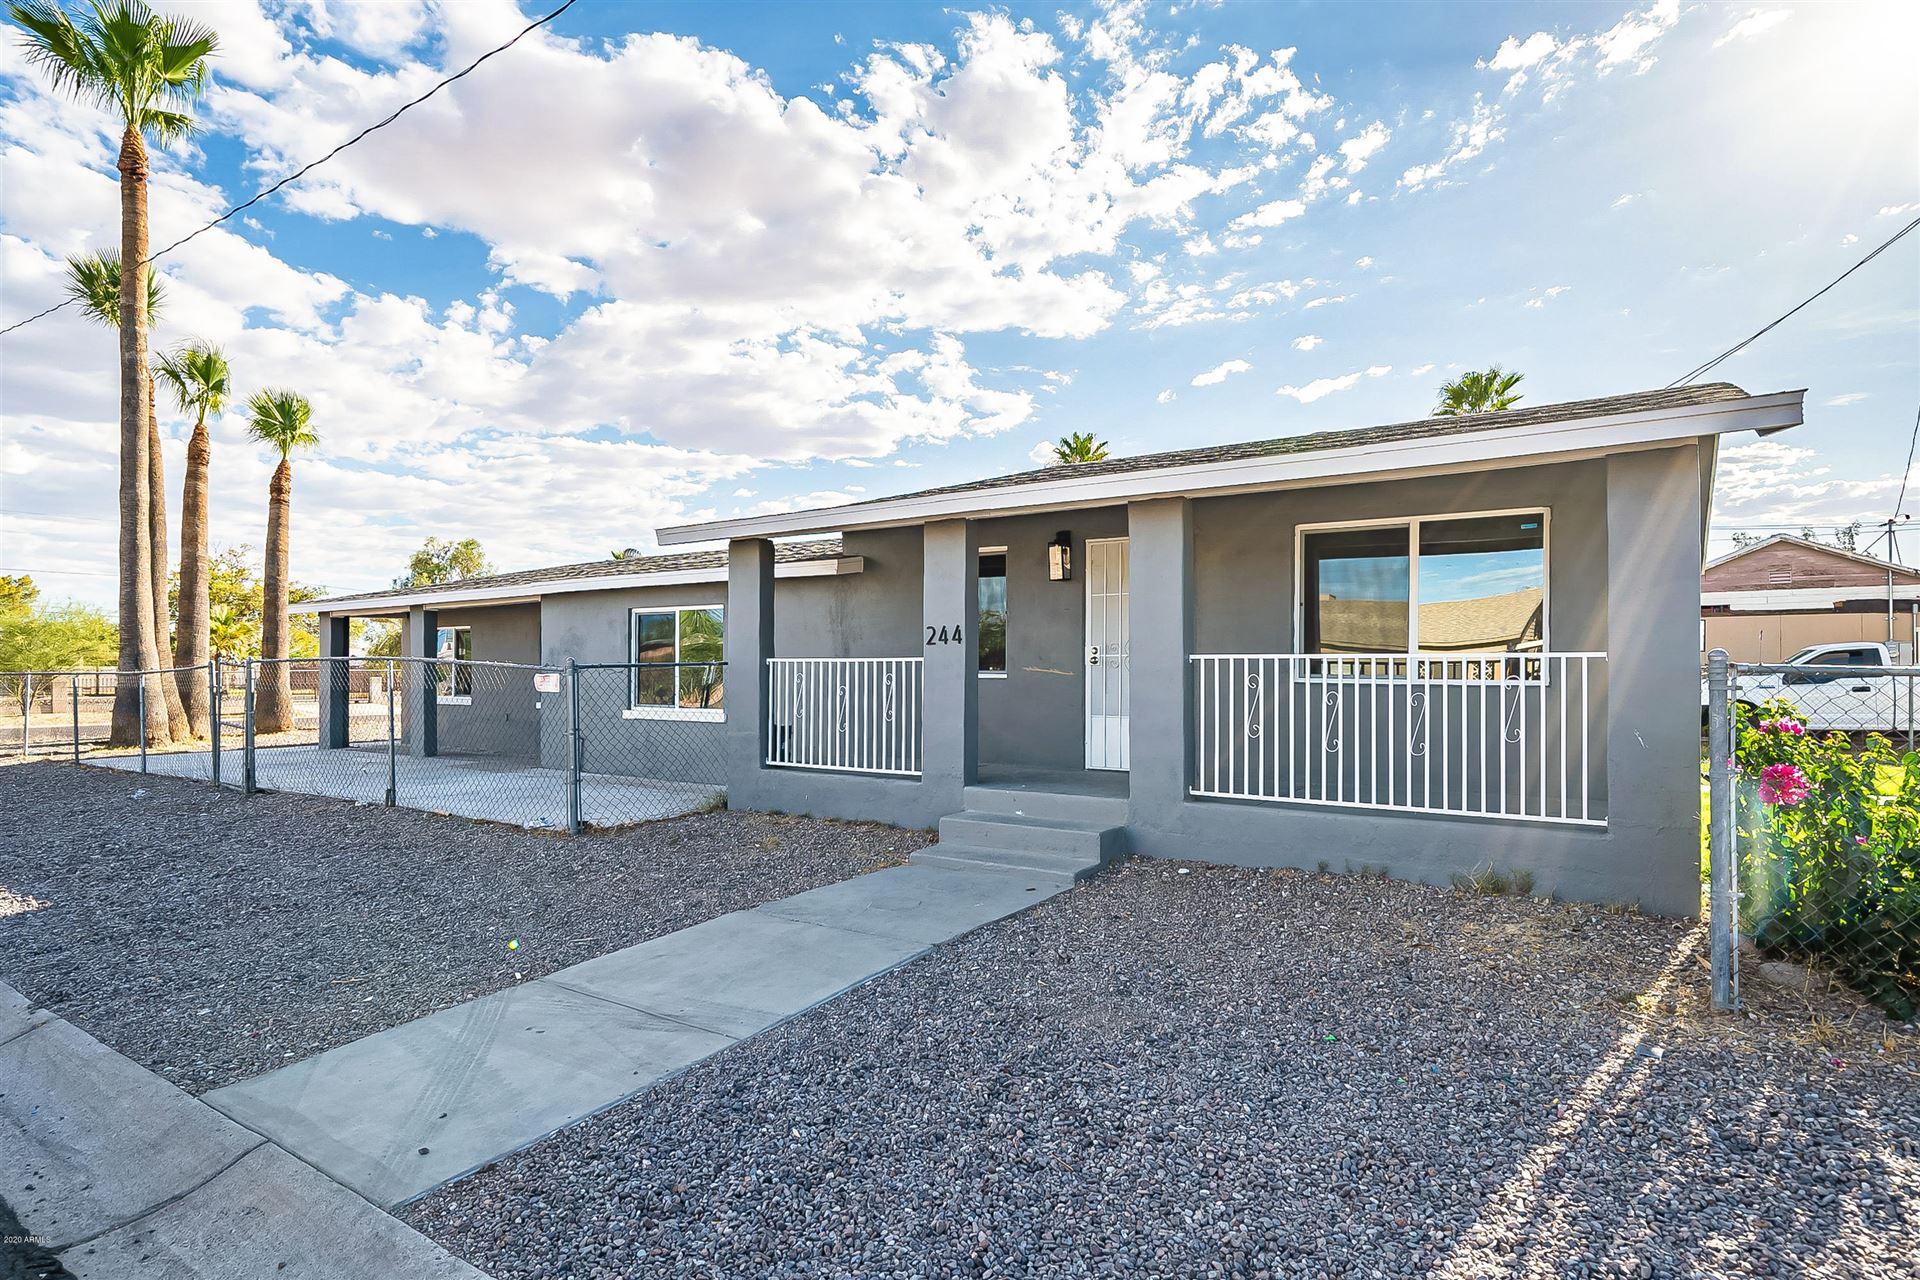 Property Image Of 244 E Beech Avenue In Casa Grande, Az